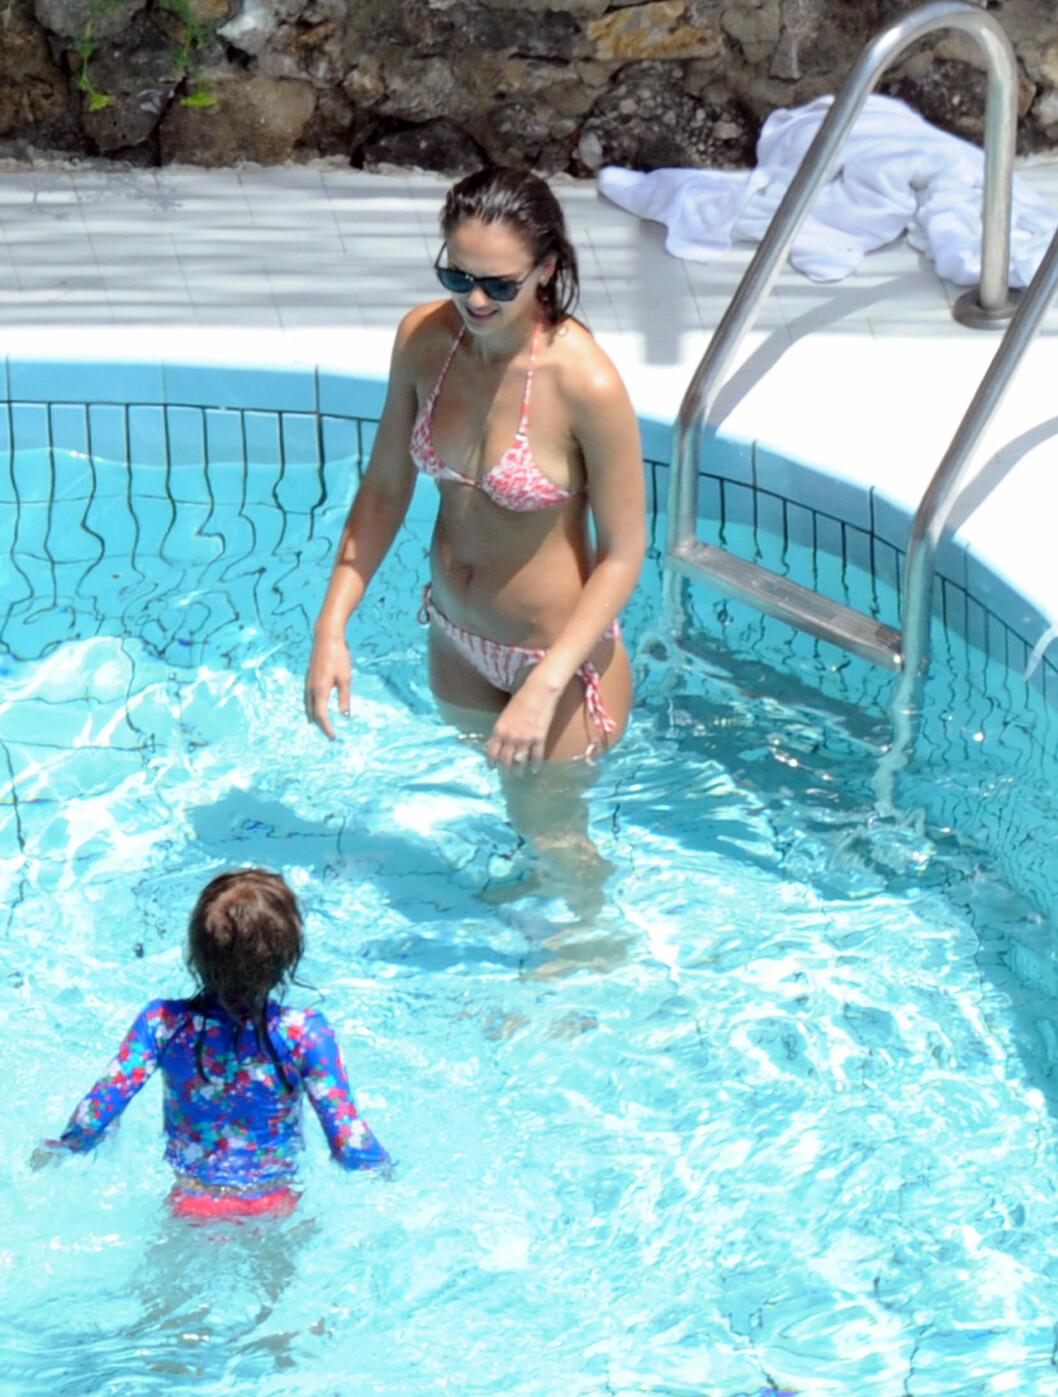 <strong>MORET SEG:</strong> Skuespiller Jessica Alba viste eldstedatteren Honor Marie mye oppmerksomhet mens de plasket rundt i svømmebassenget ved hotellet sitt i Amalfi, Italia denne uken.   Foto: All Over Press